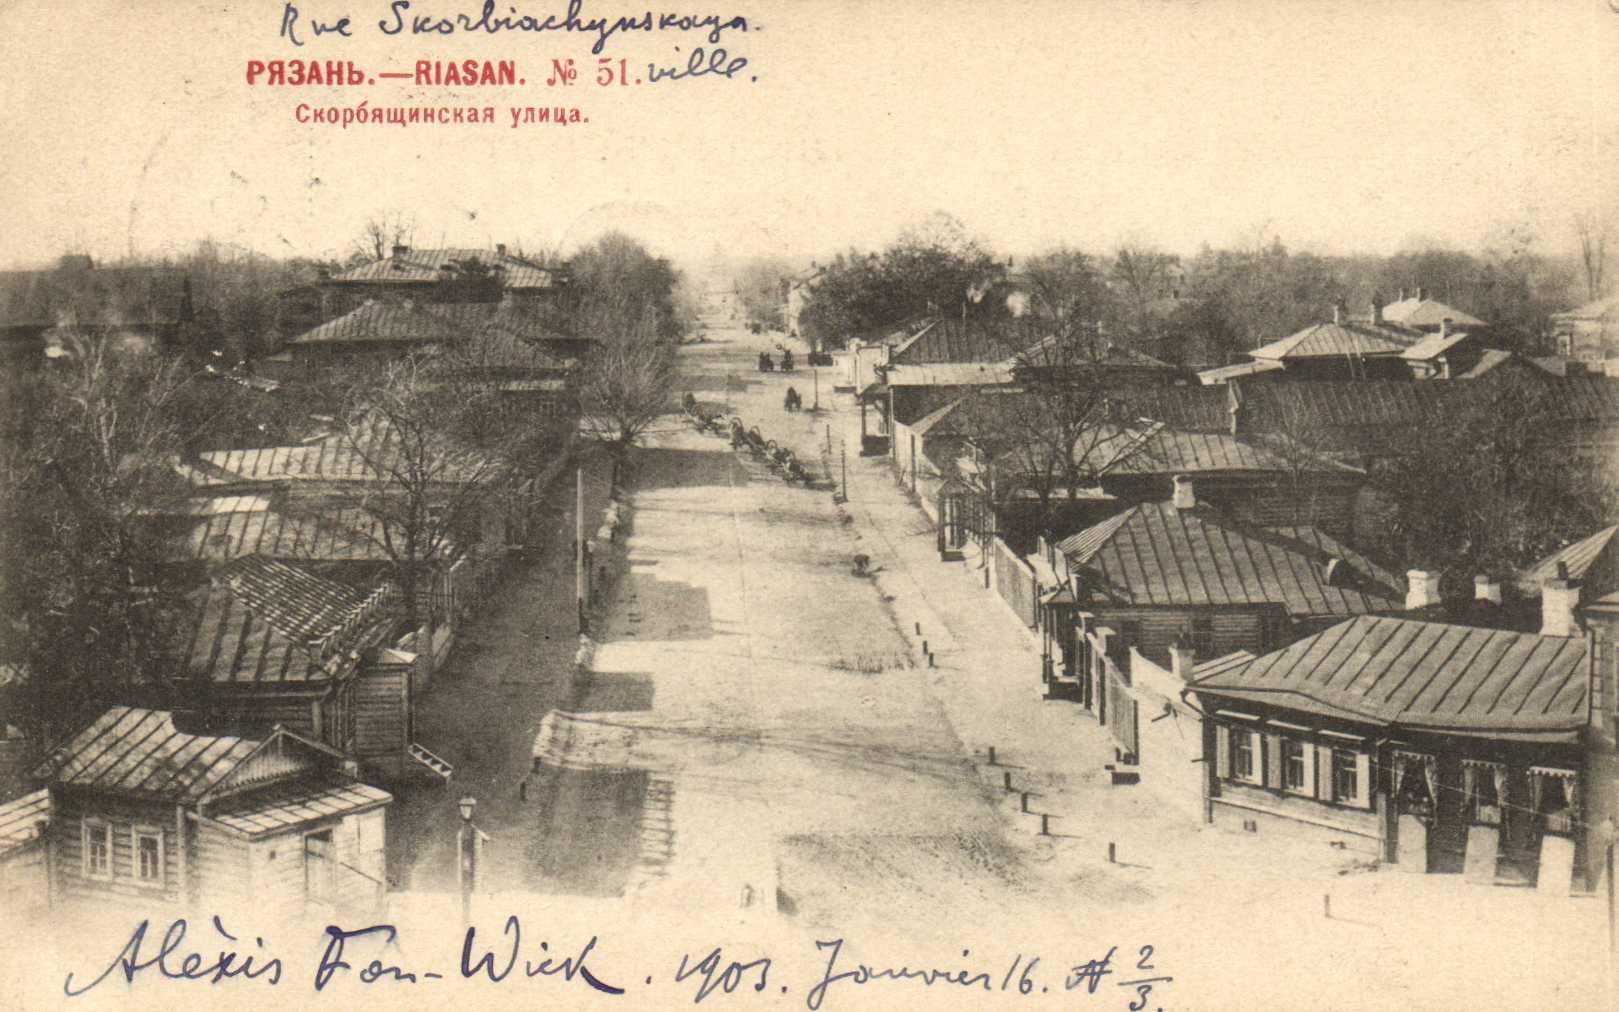 Скорбящинская улица